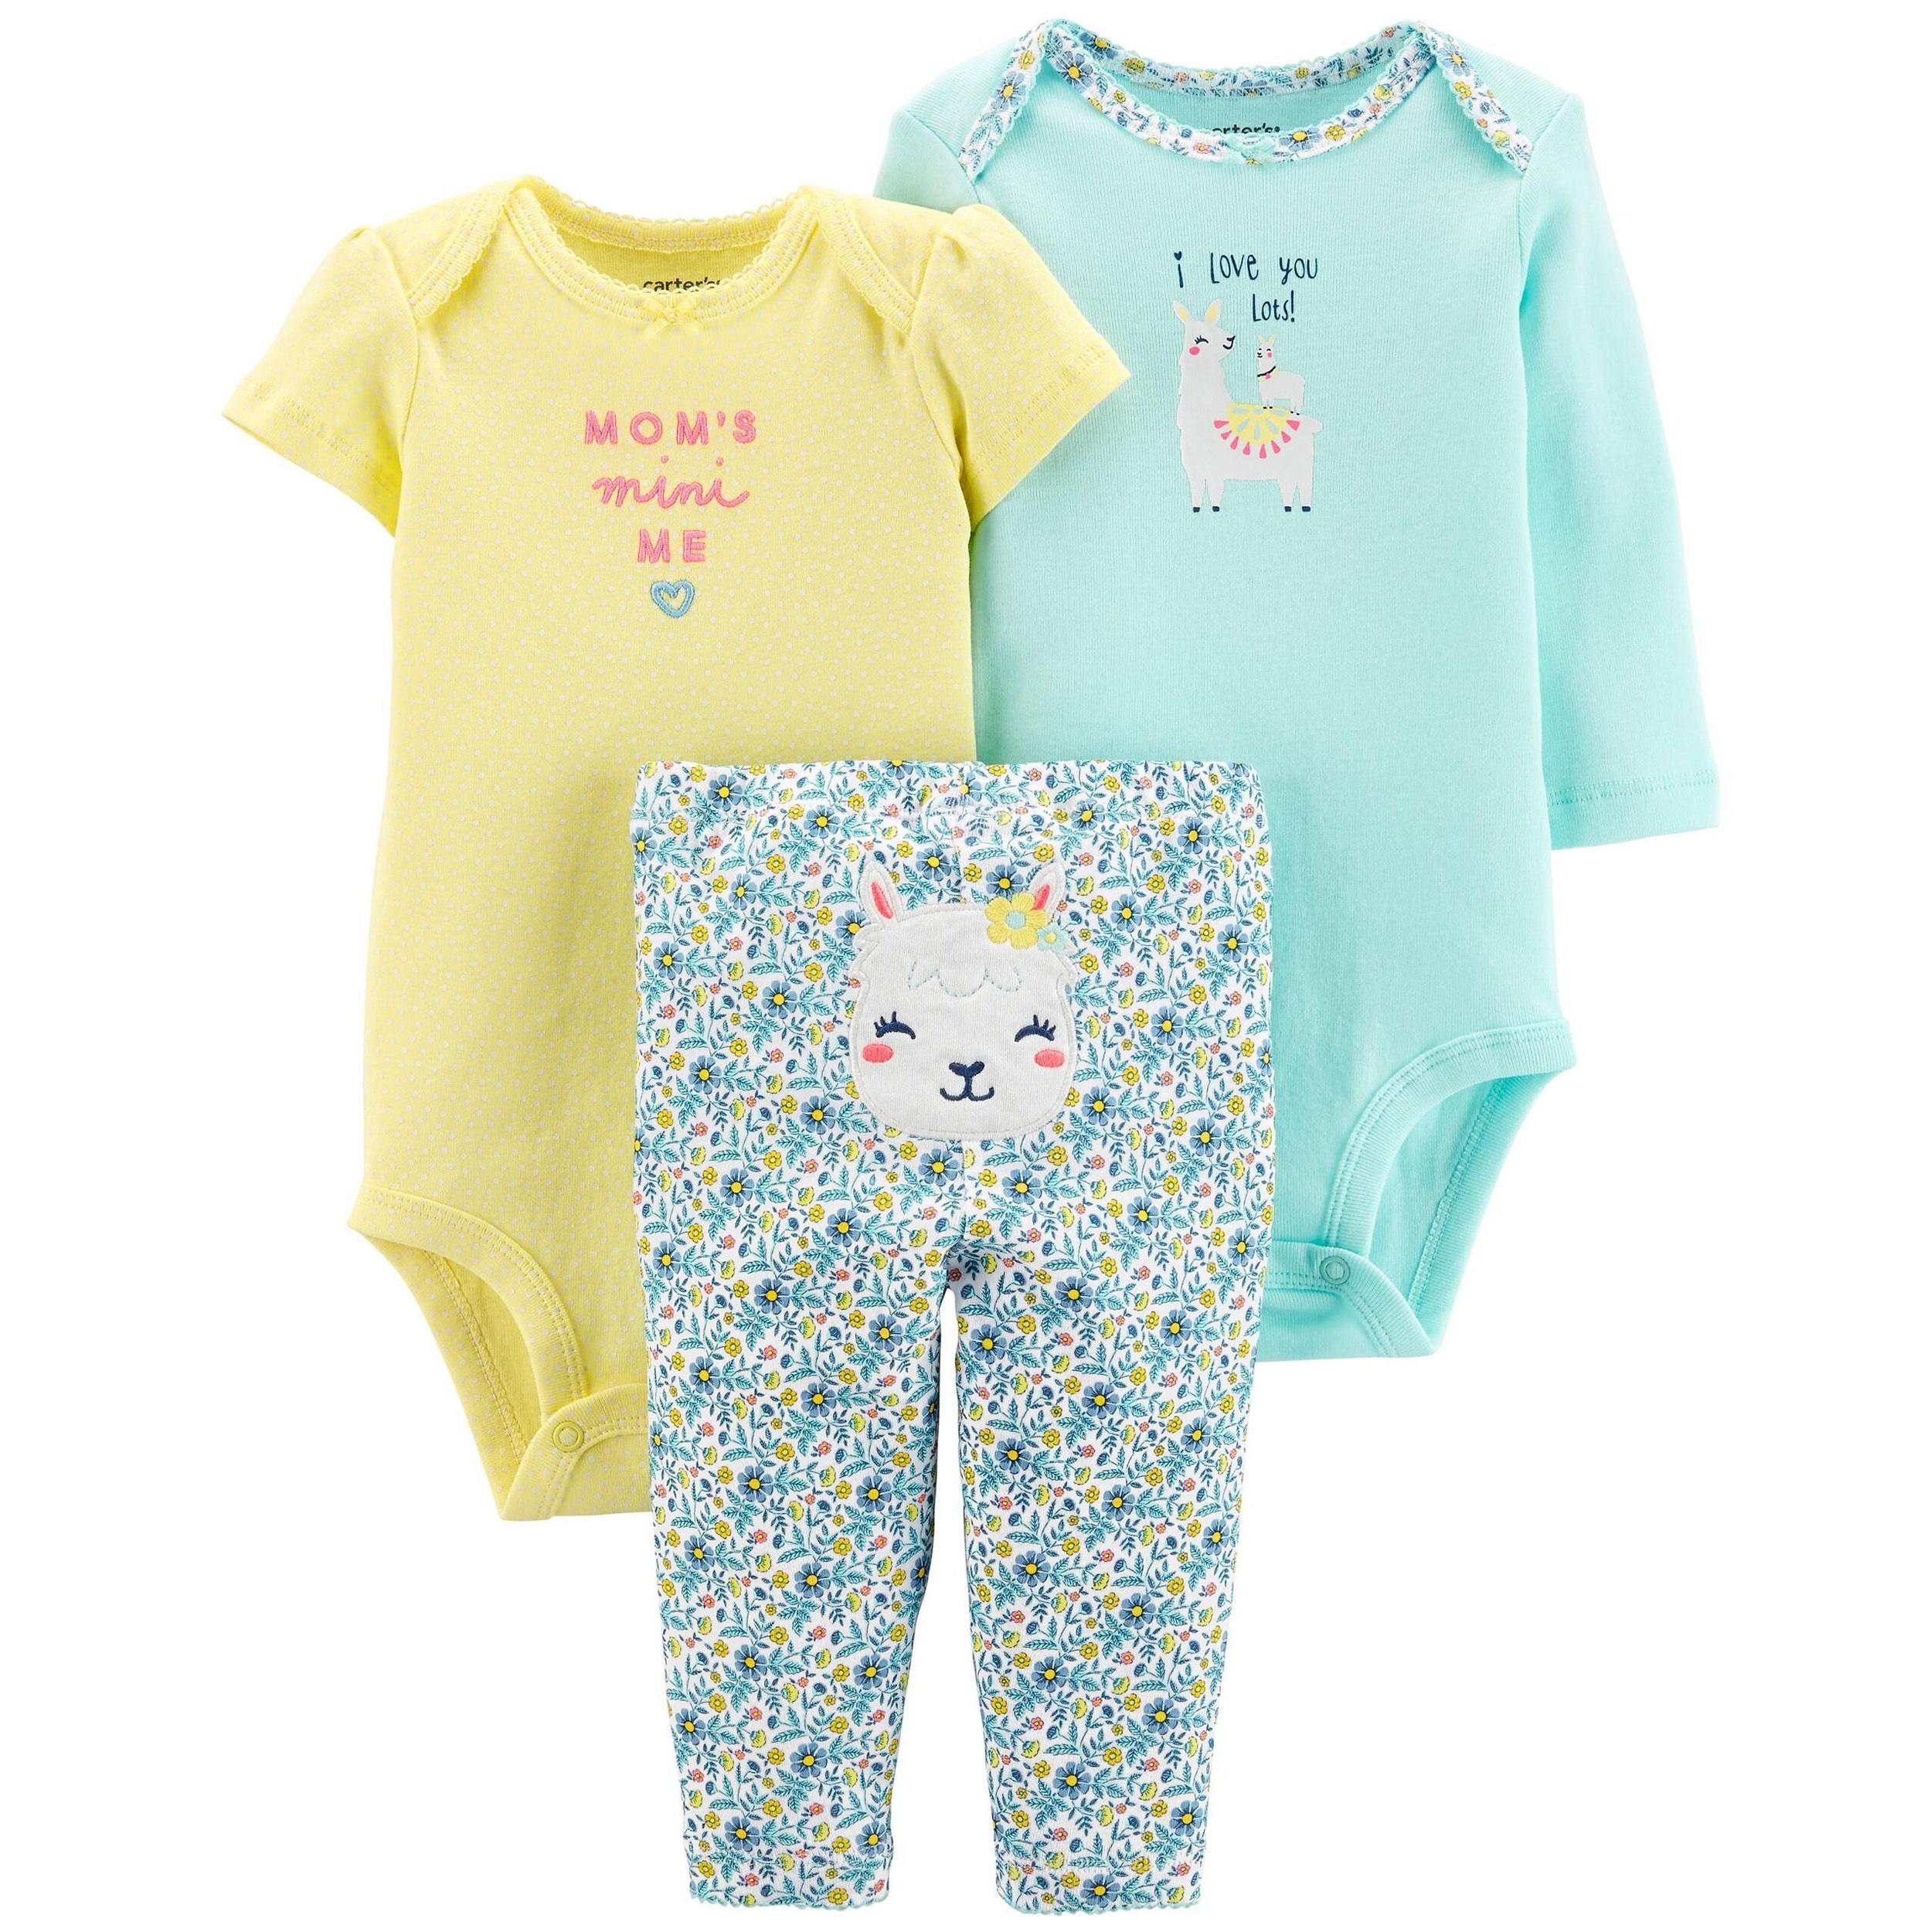 ست 3 تکه لباس نوزادی دخترانه کارترز کد 1017